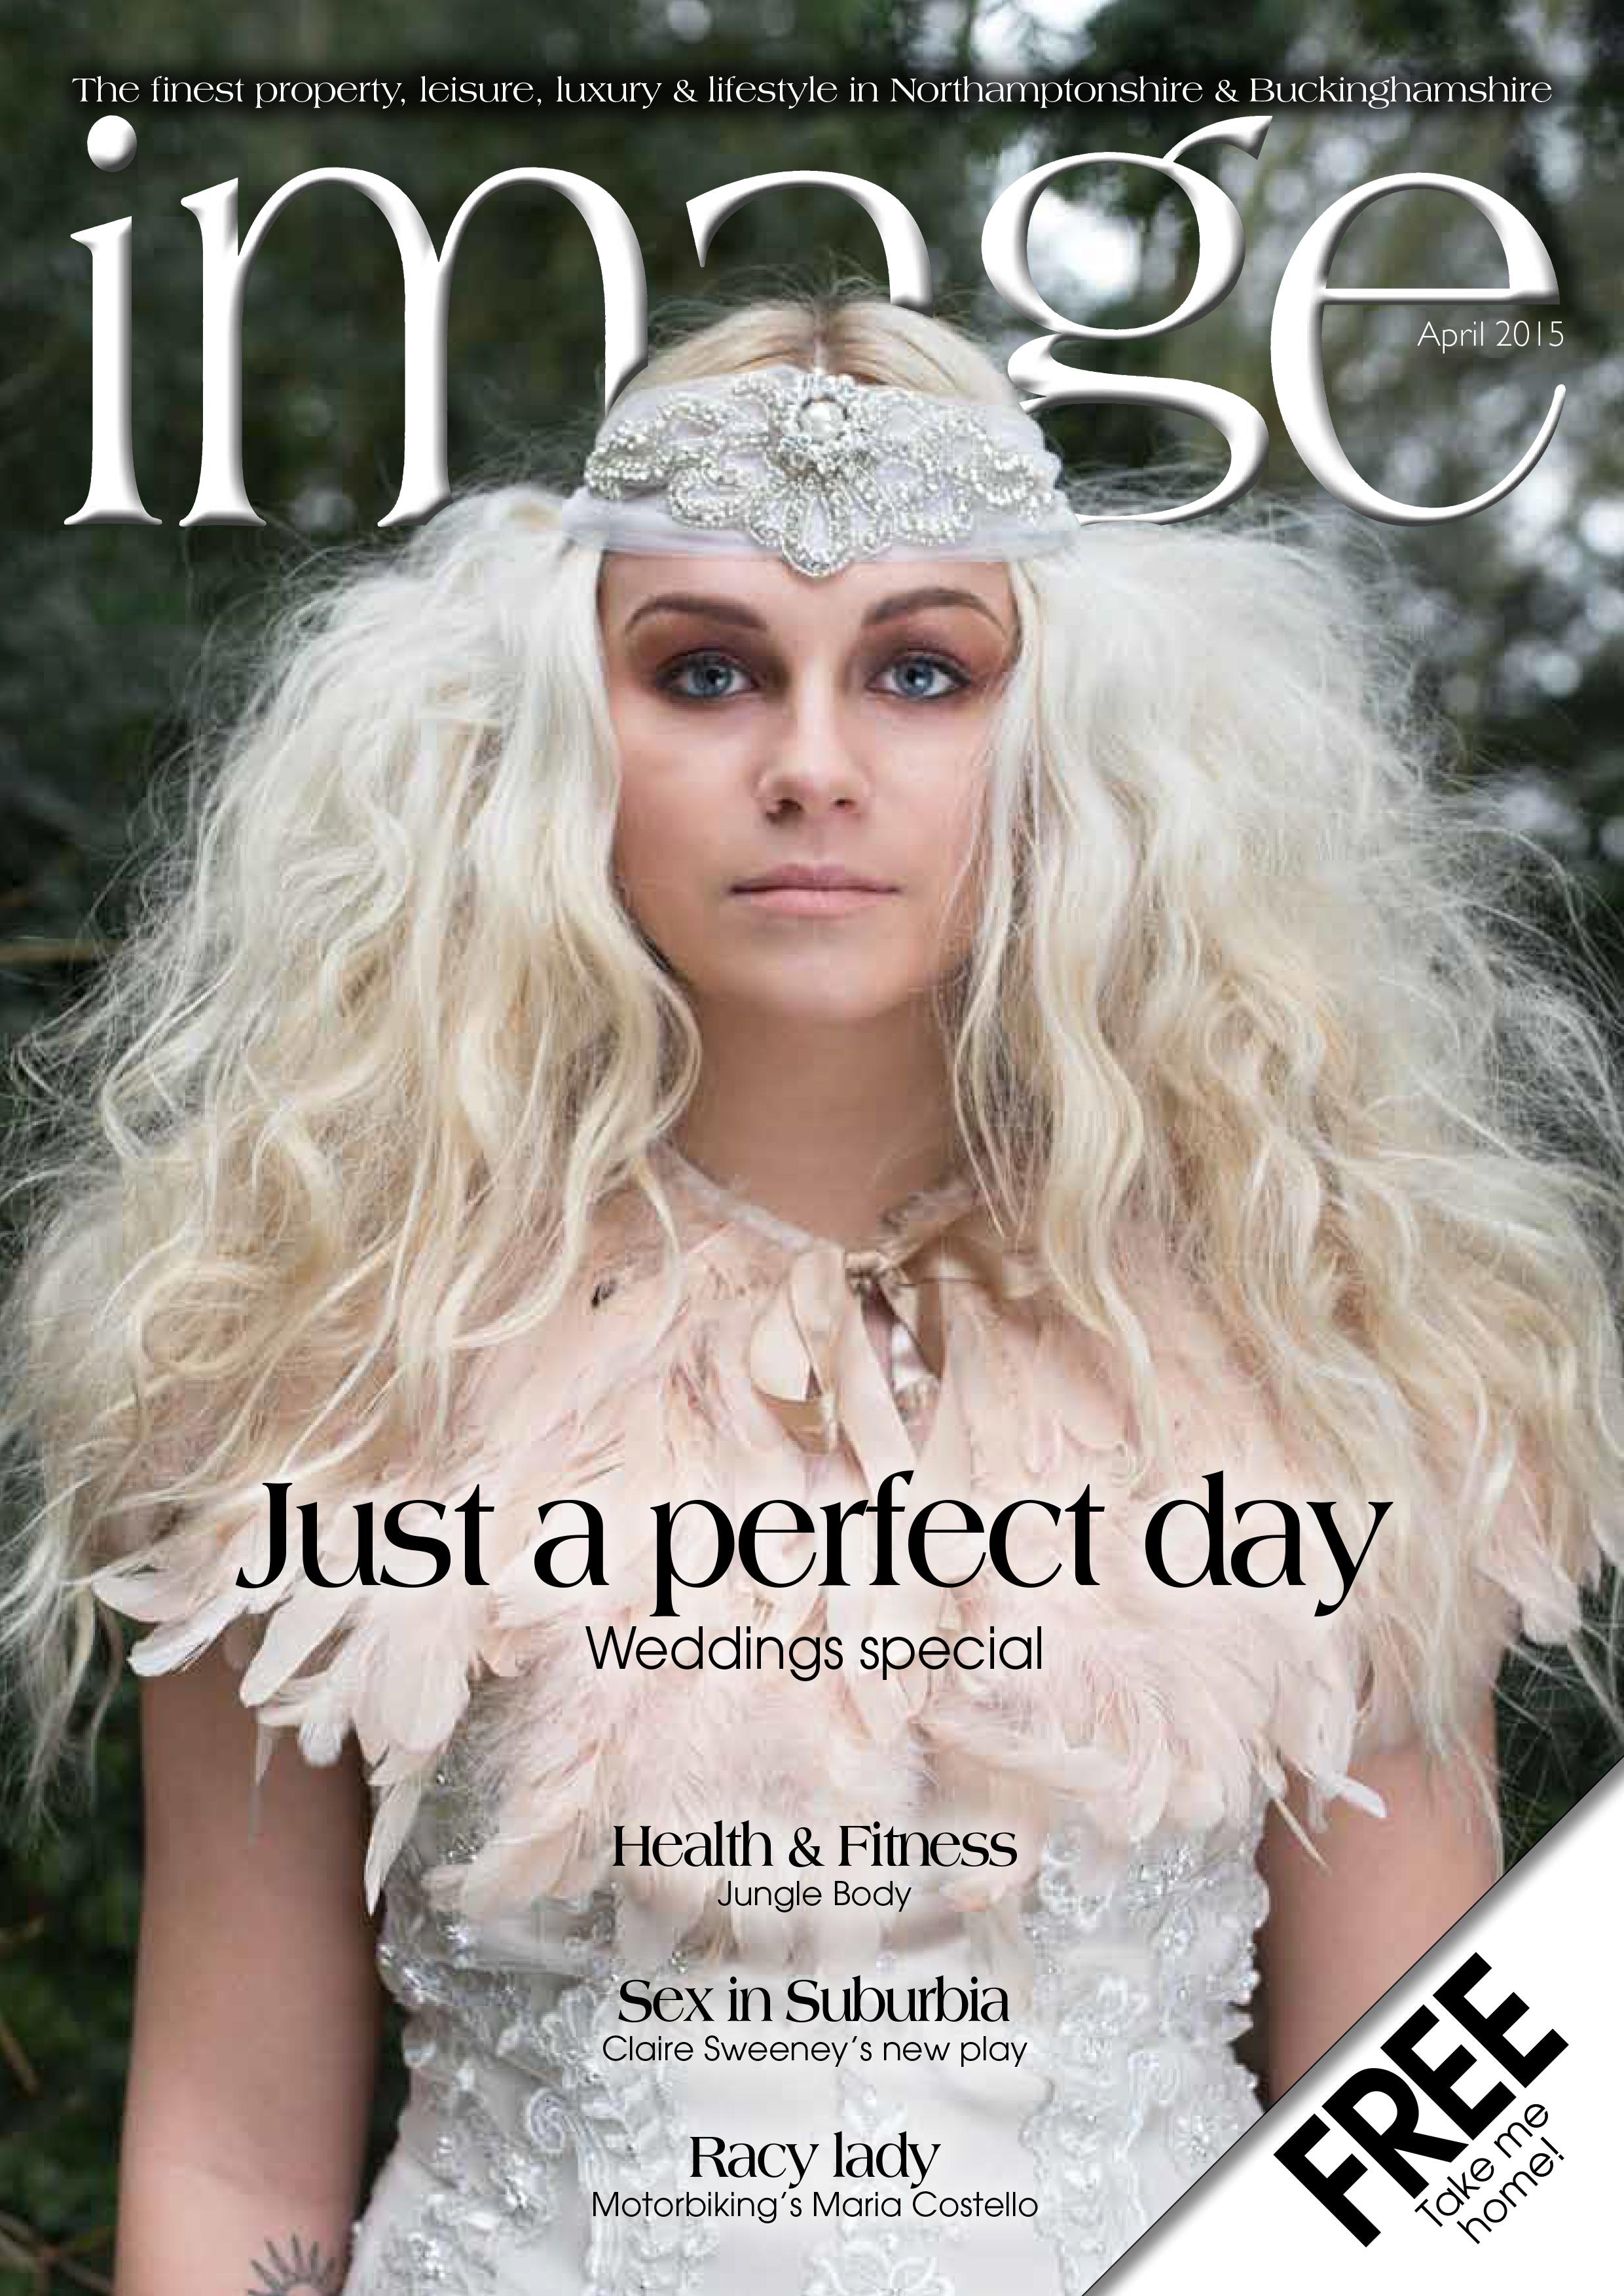 tara-florence-image-magazine-front-cover